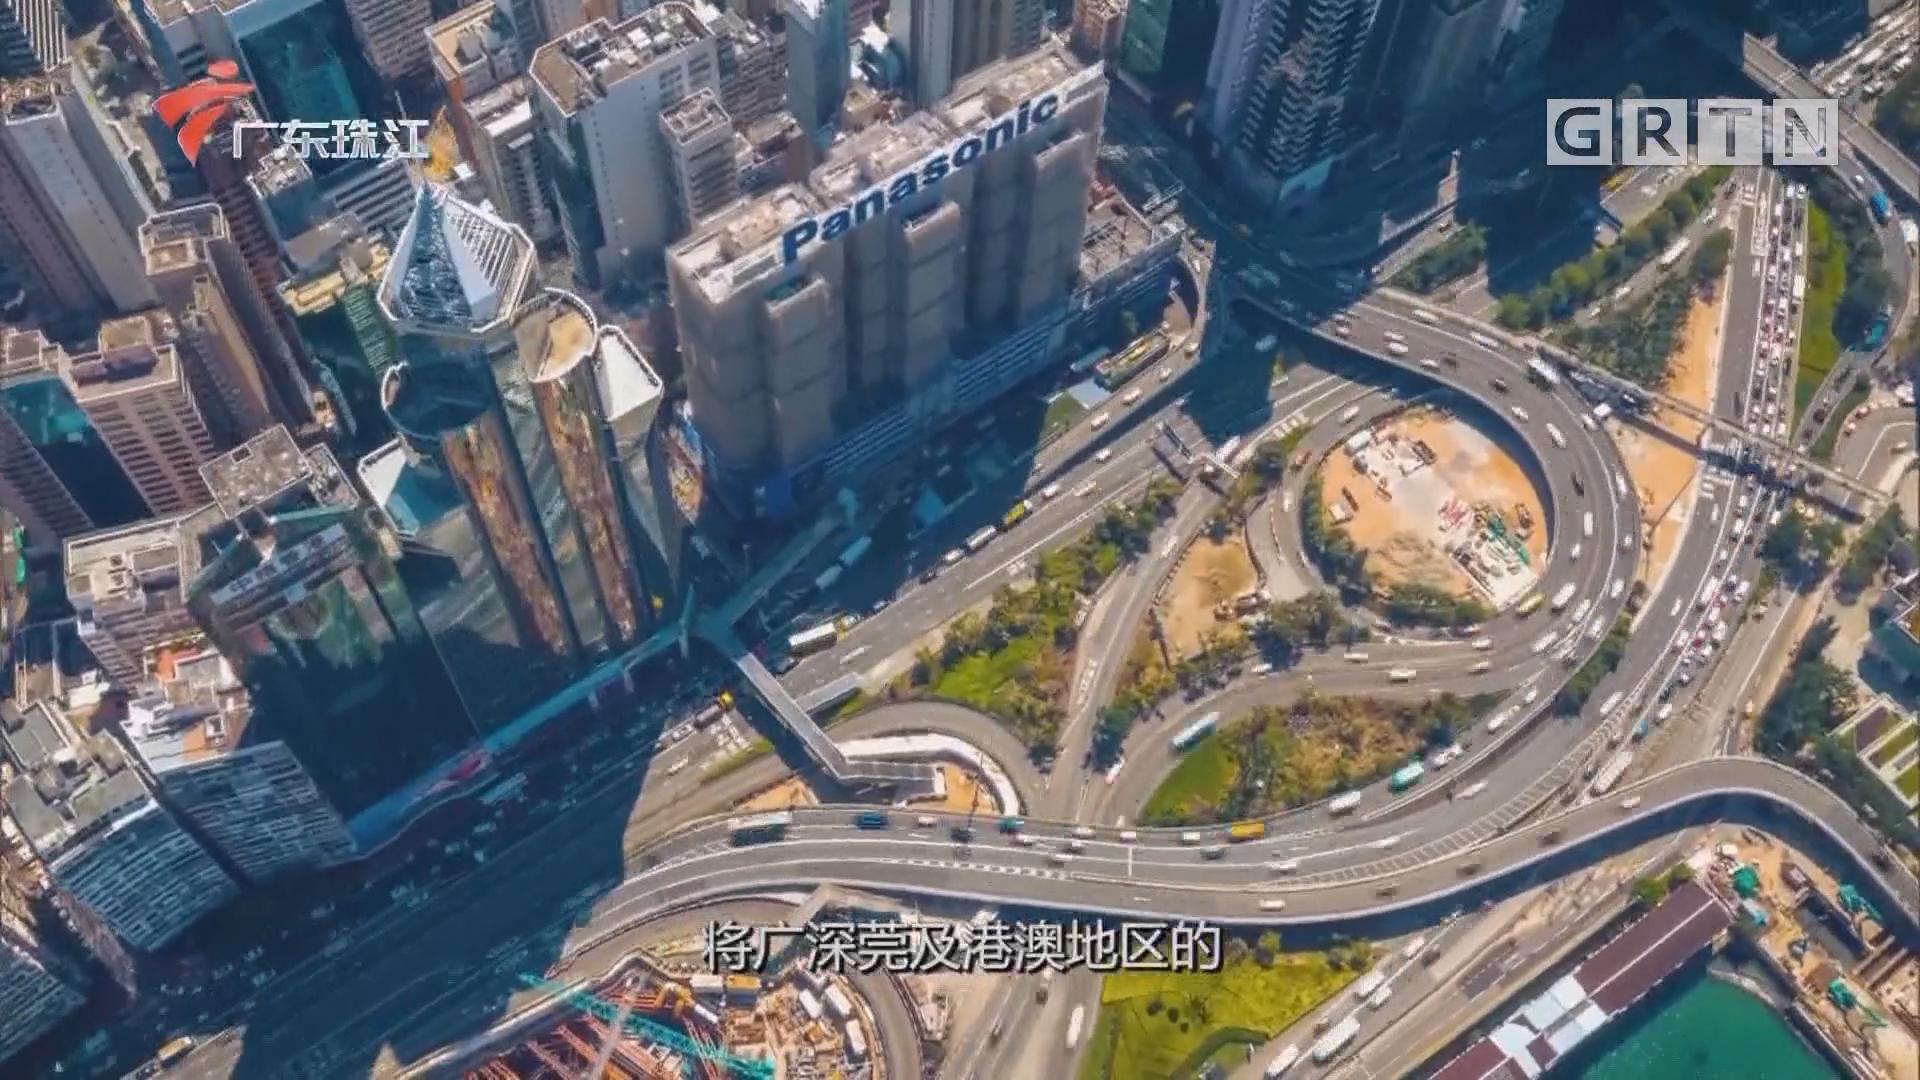 广深港澳科技创新走廊成大湾区新引擎(二)